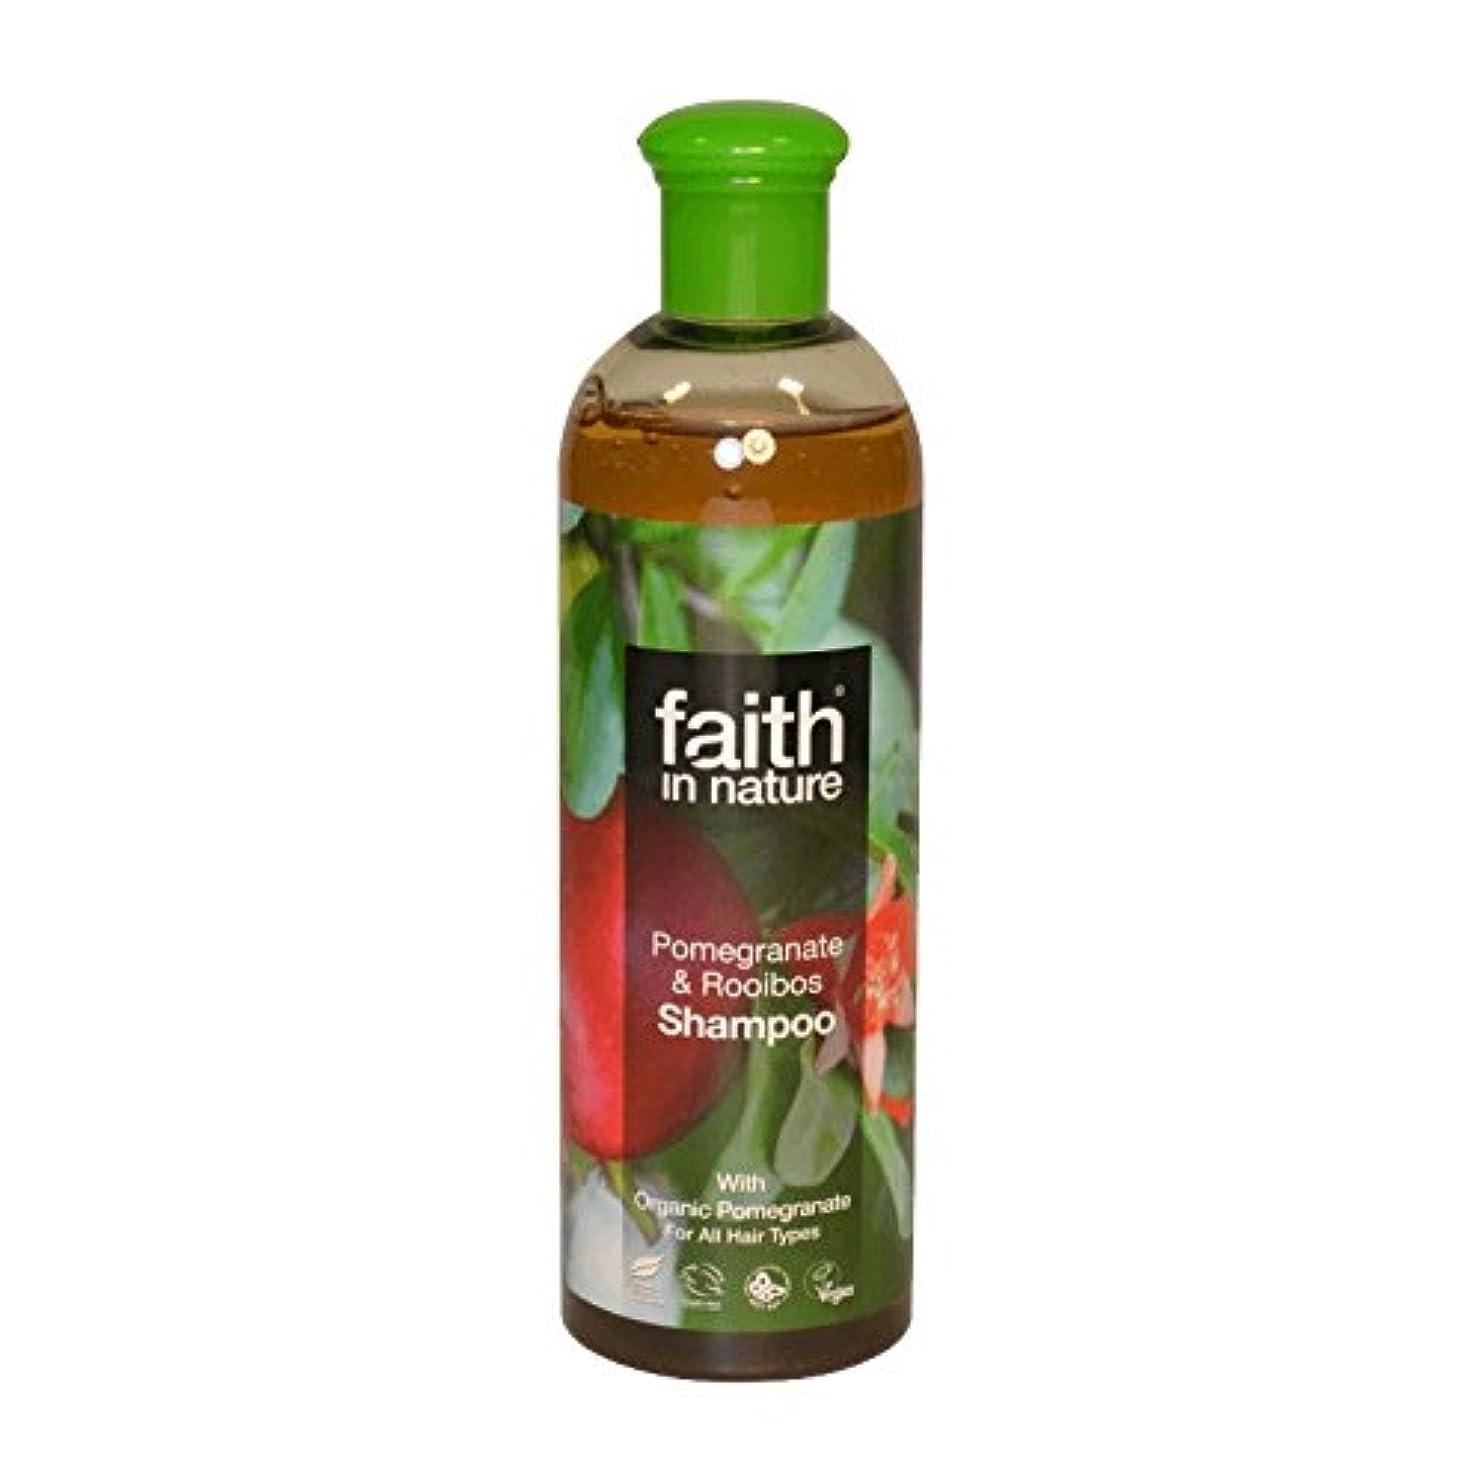 保存する飢饉アッティカス自然ザクロ&Roobiosシャンプー400ミリリットルの信仰 - Faith in Nature Pomegranate & Roobios Shampoo 400ml (Faith in Nature) [並行輸入品]